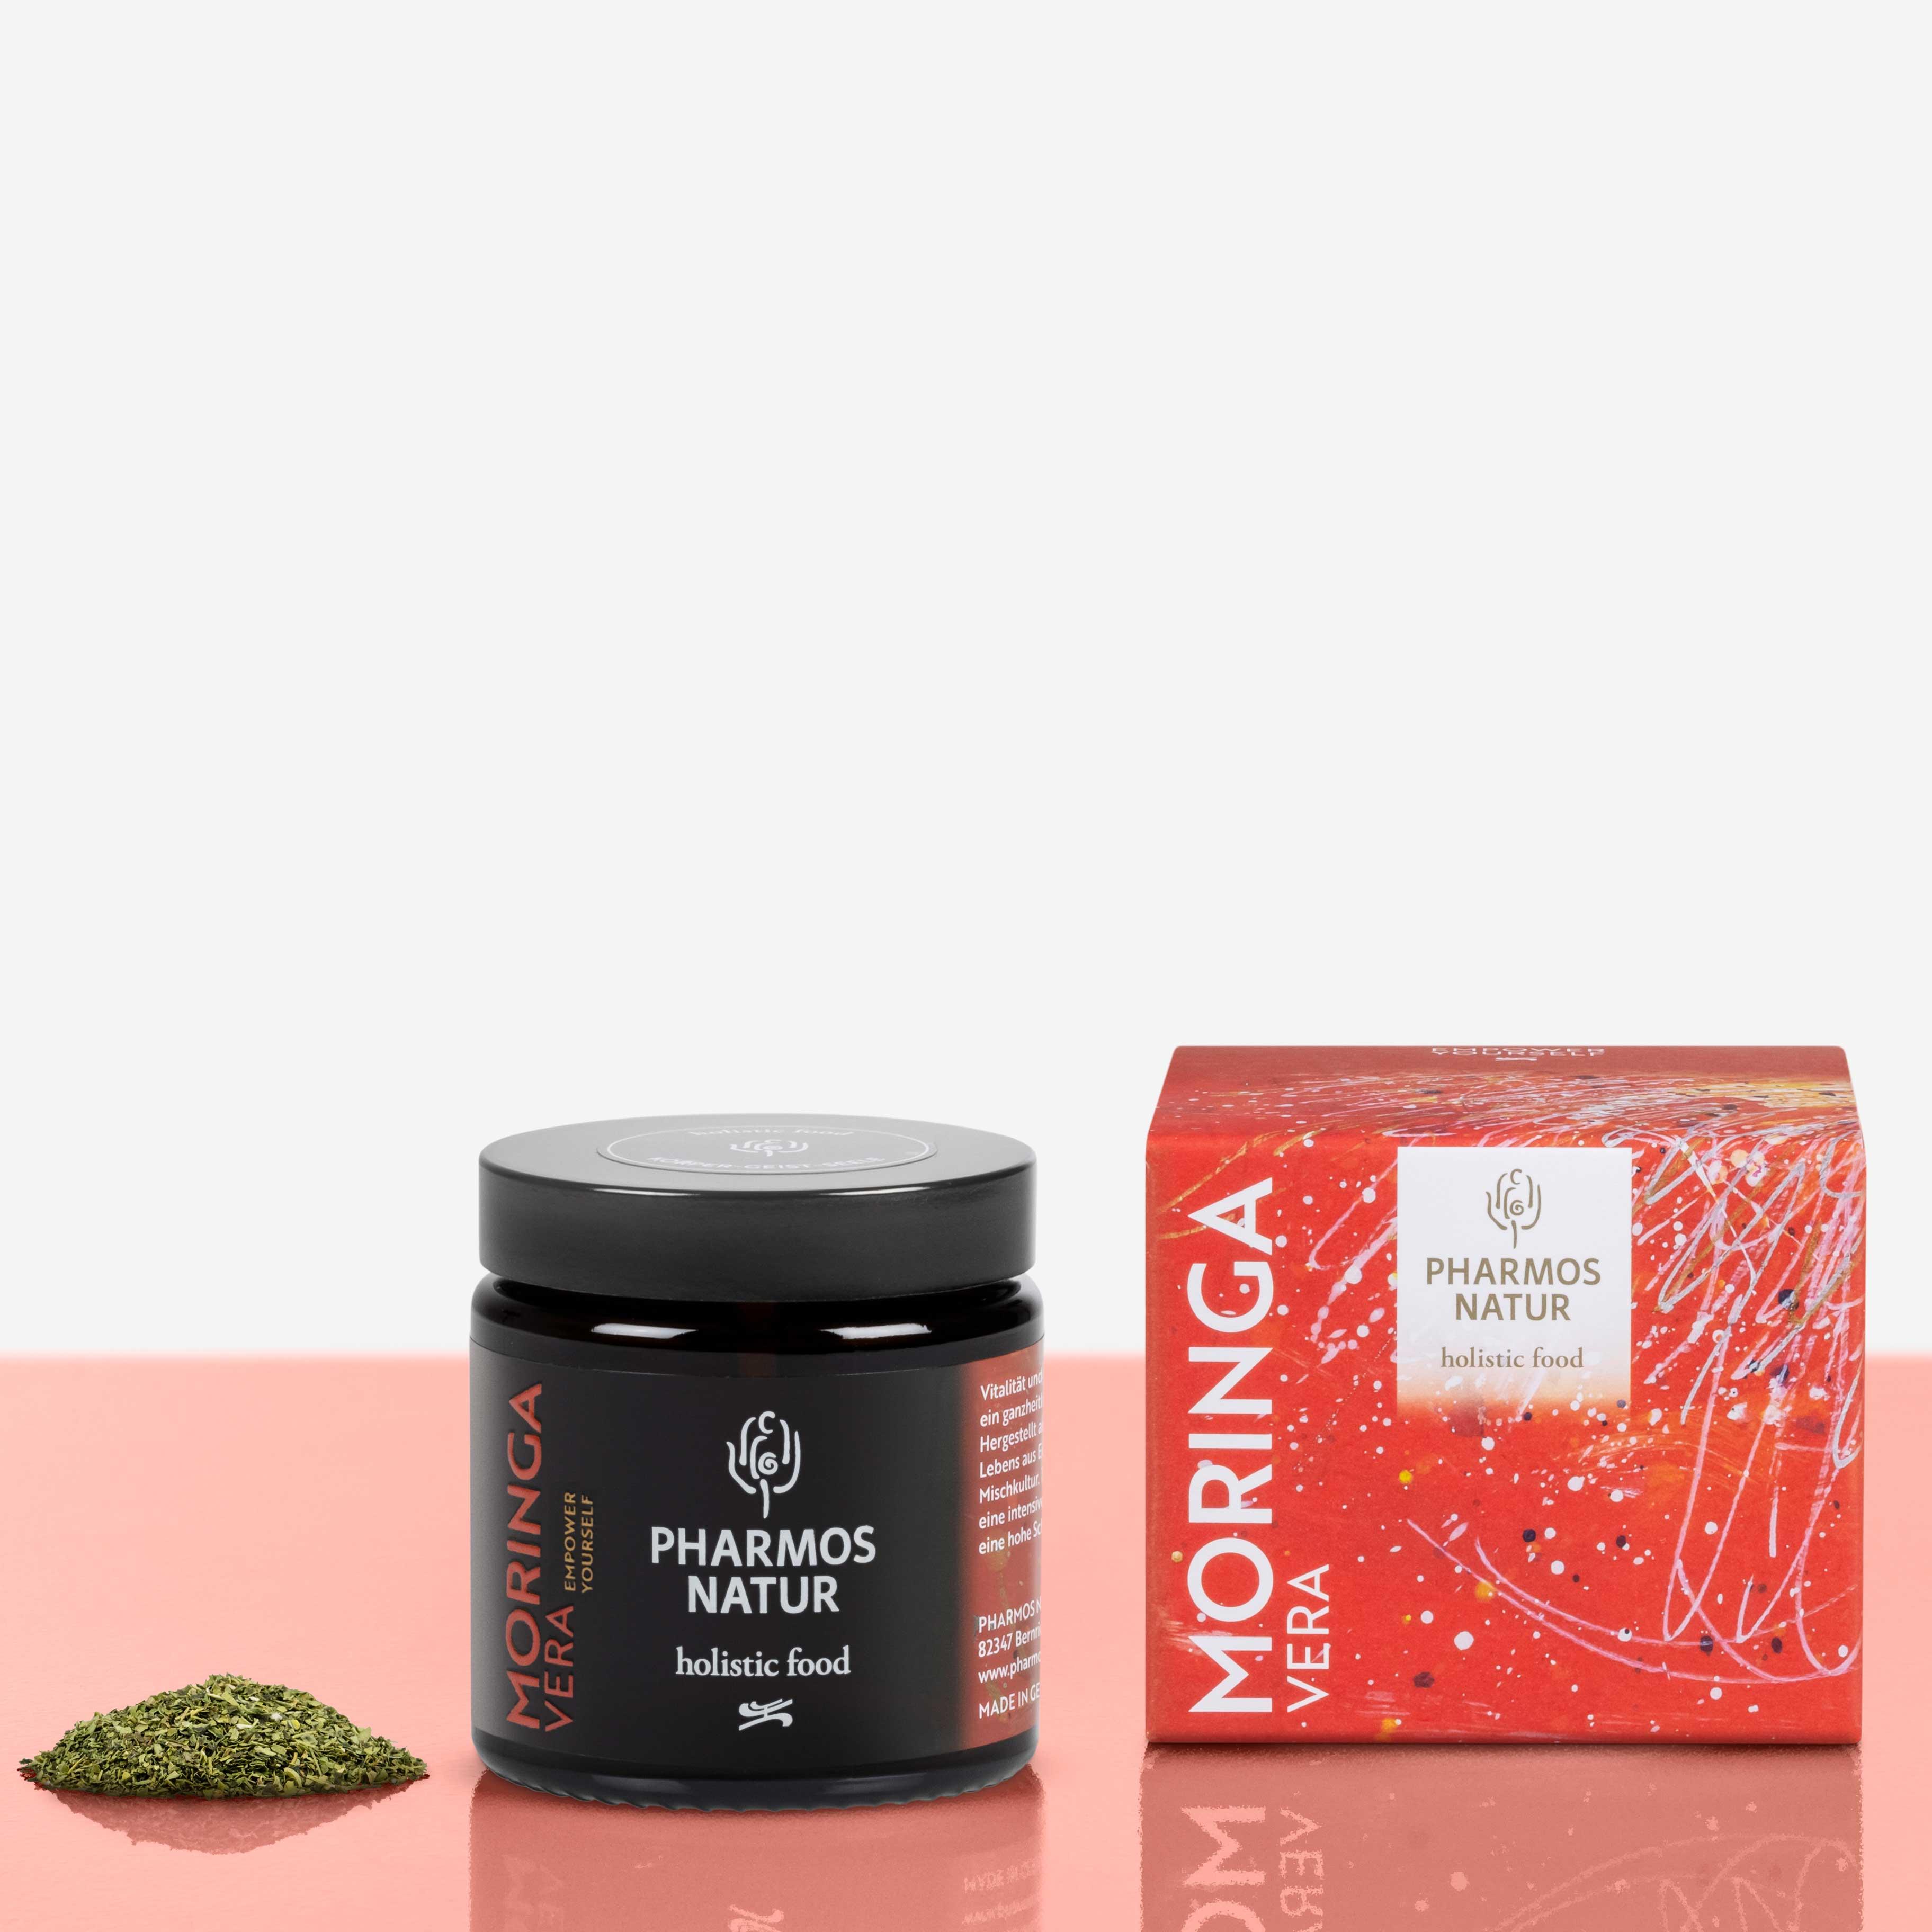 Moringa Vera dunkler Behälter Produktbild neben Pulver und Verpackung